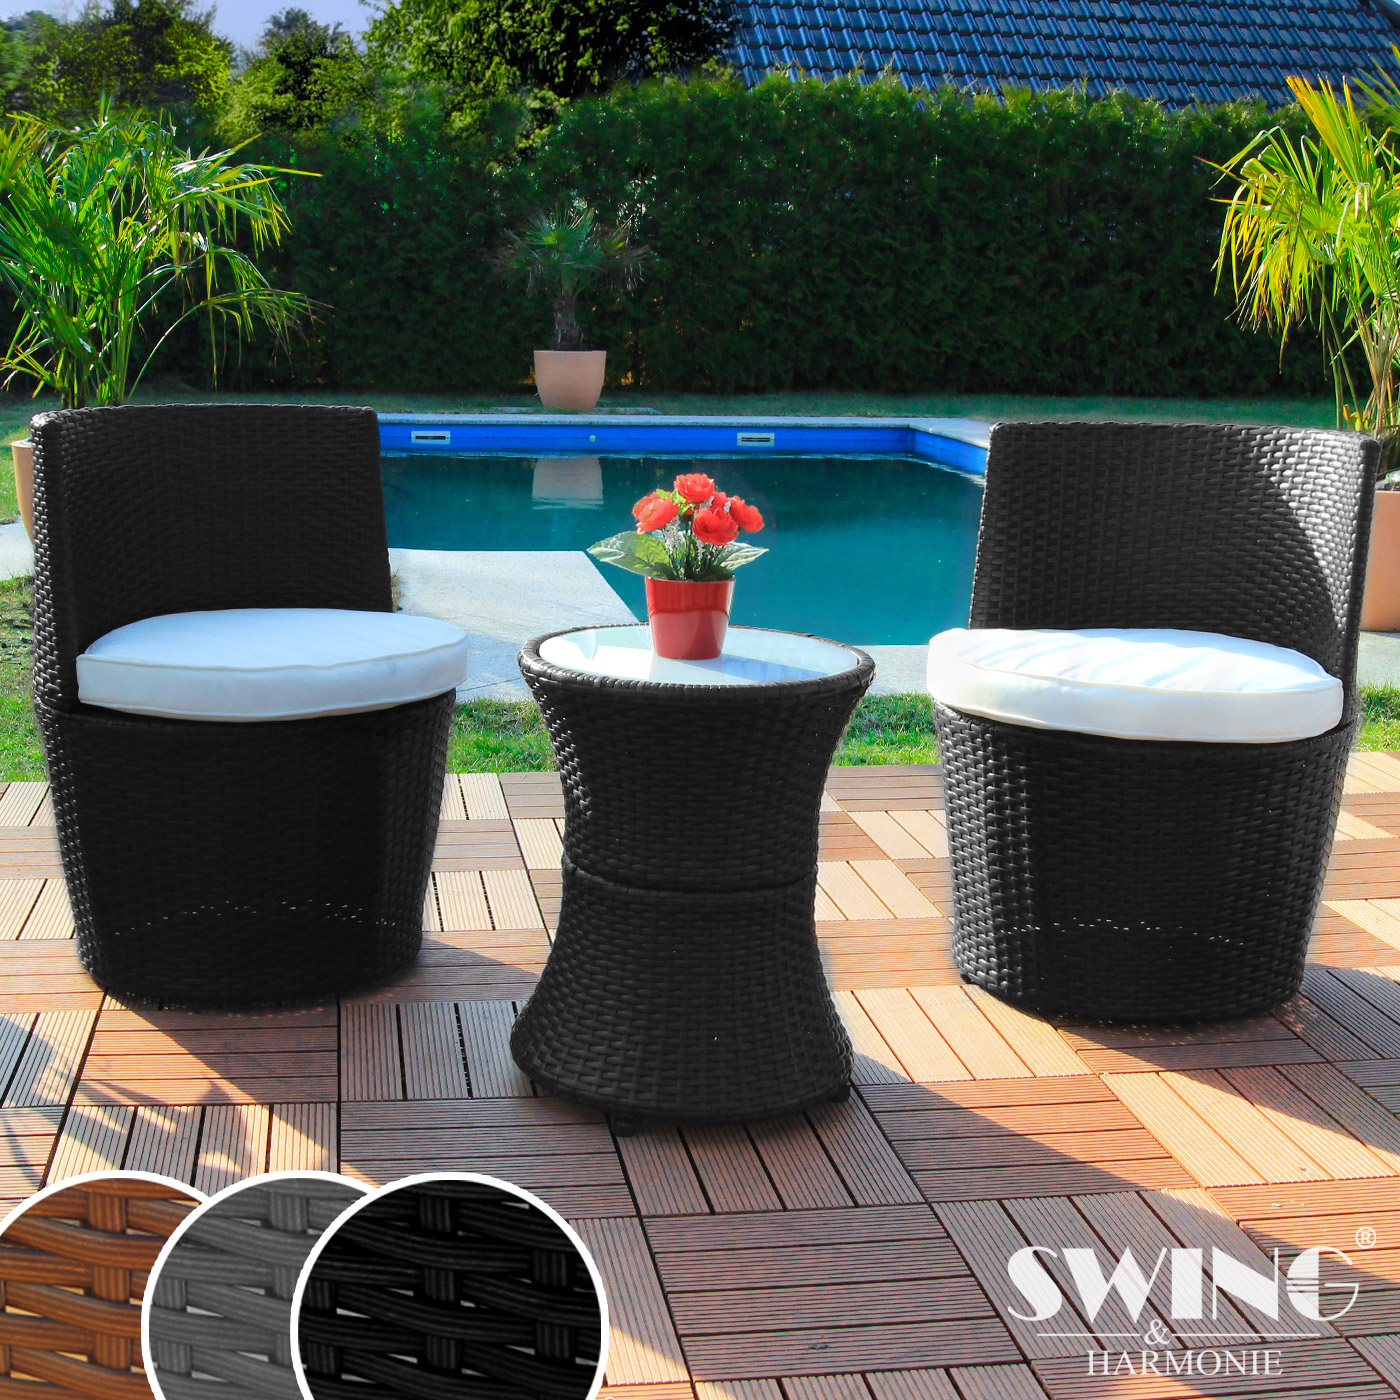 ... in-polyrattan-per-giardino-balcone-e-terrazzo-mobili-in-rattan-salotto